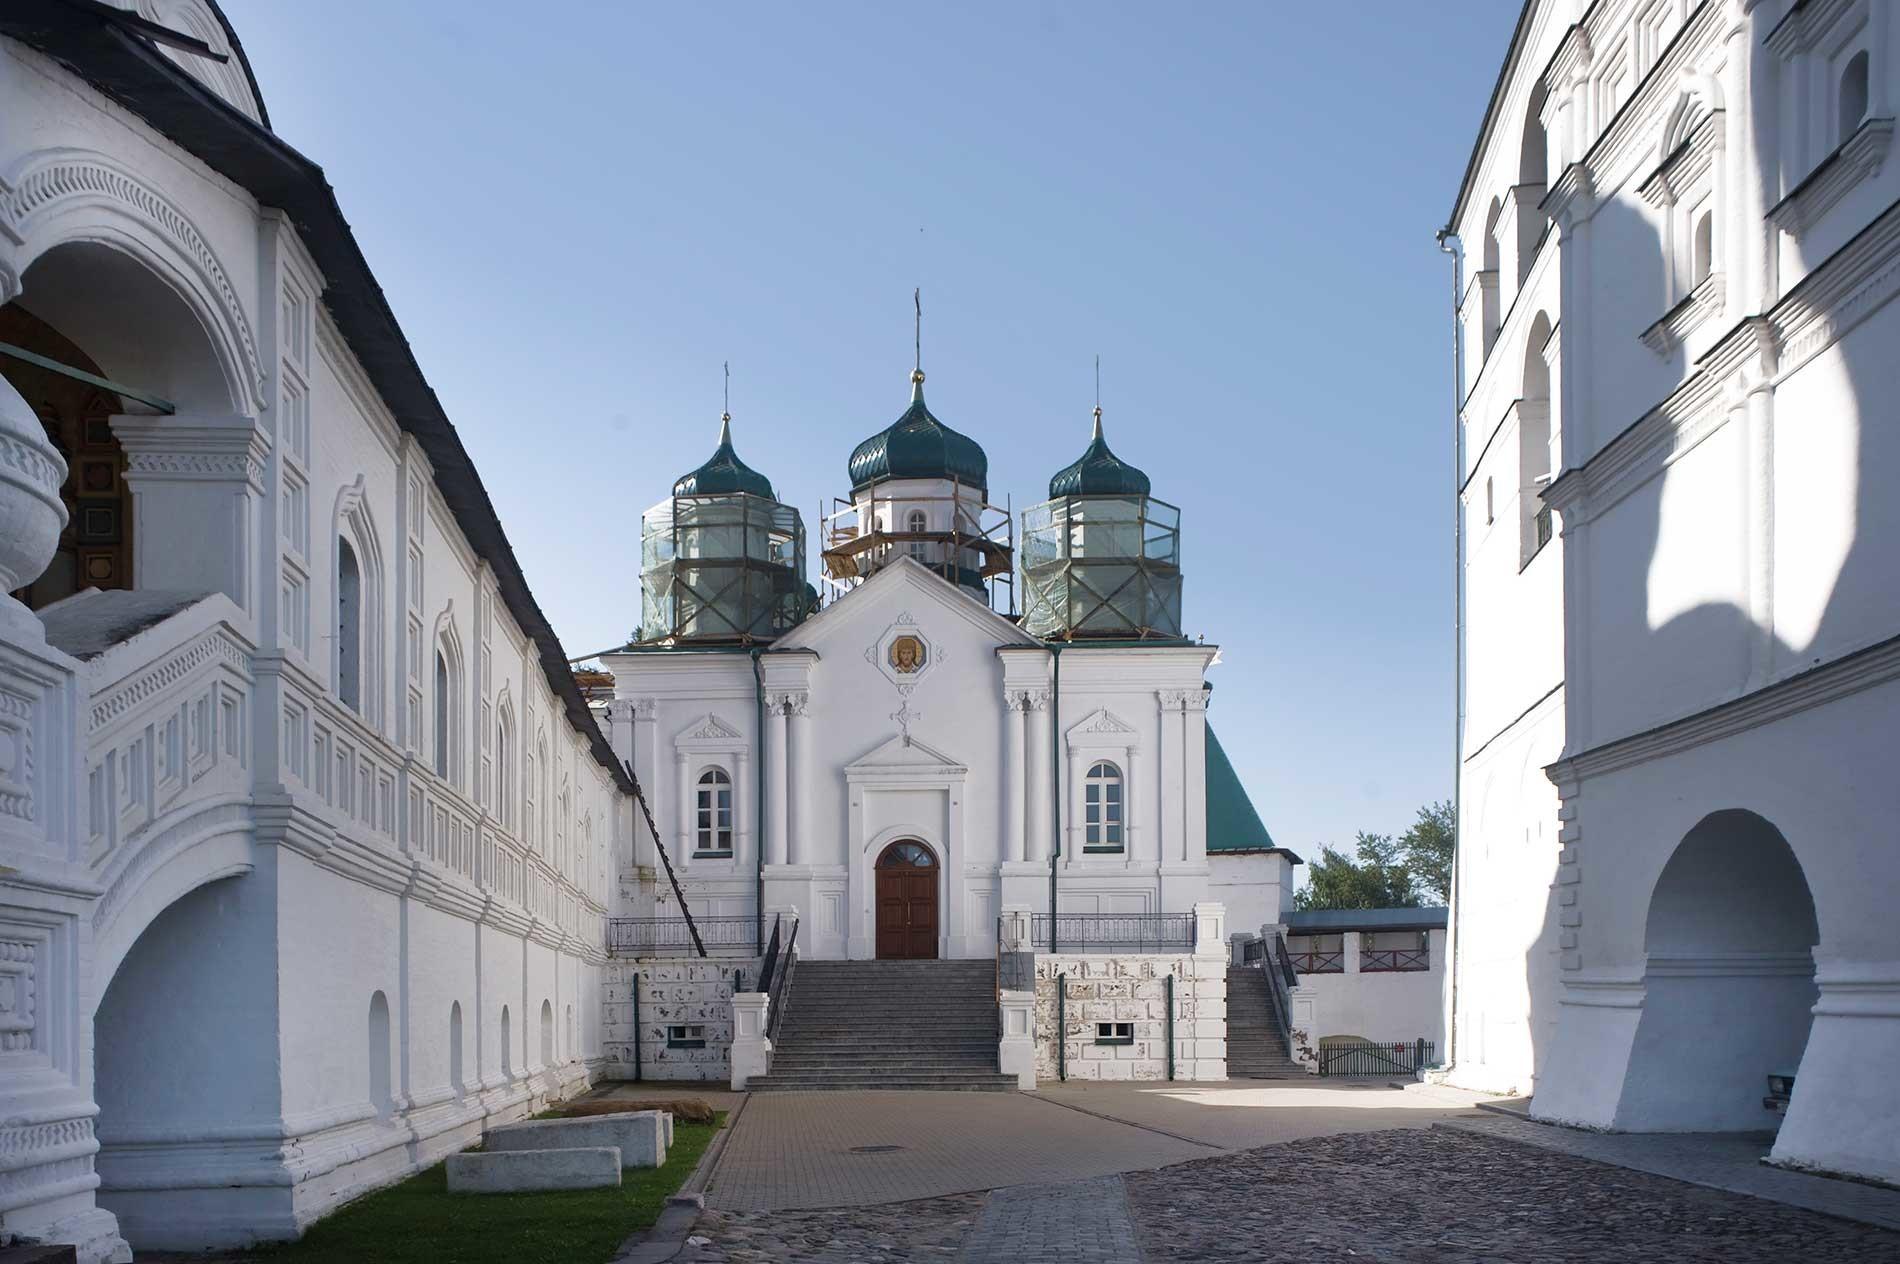 Monasterio Ipátiev. De izquierda a derecha: catedral de la Trinidad, galería oeste; catedral de la Natividad de la Virgen; campanario. Vista norte. Verano de 2017.